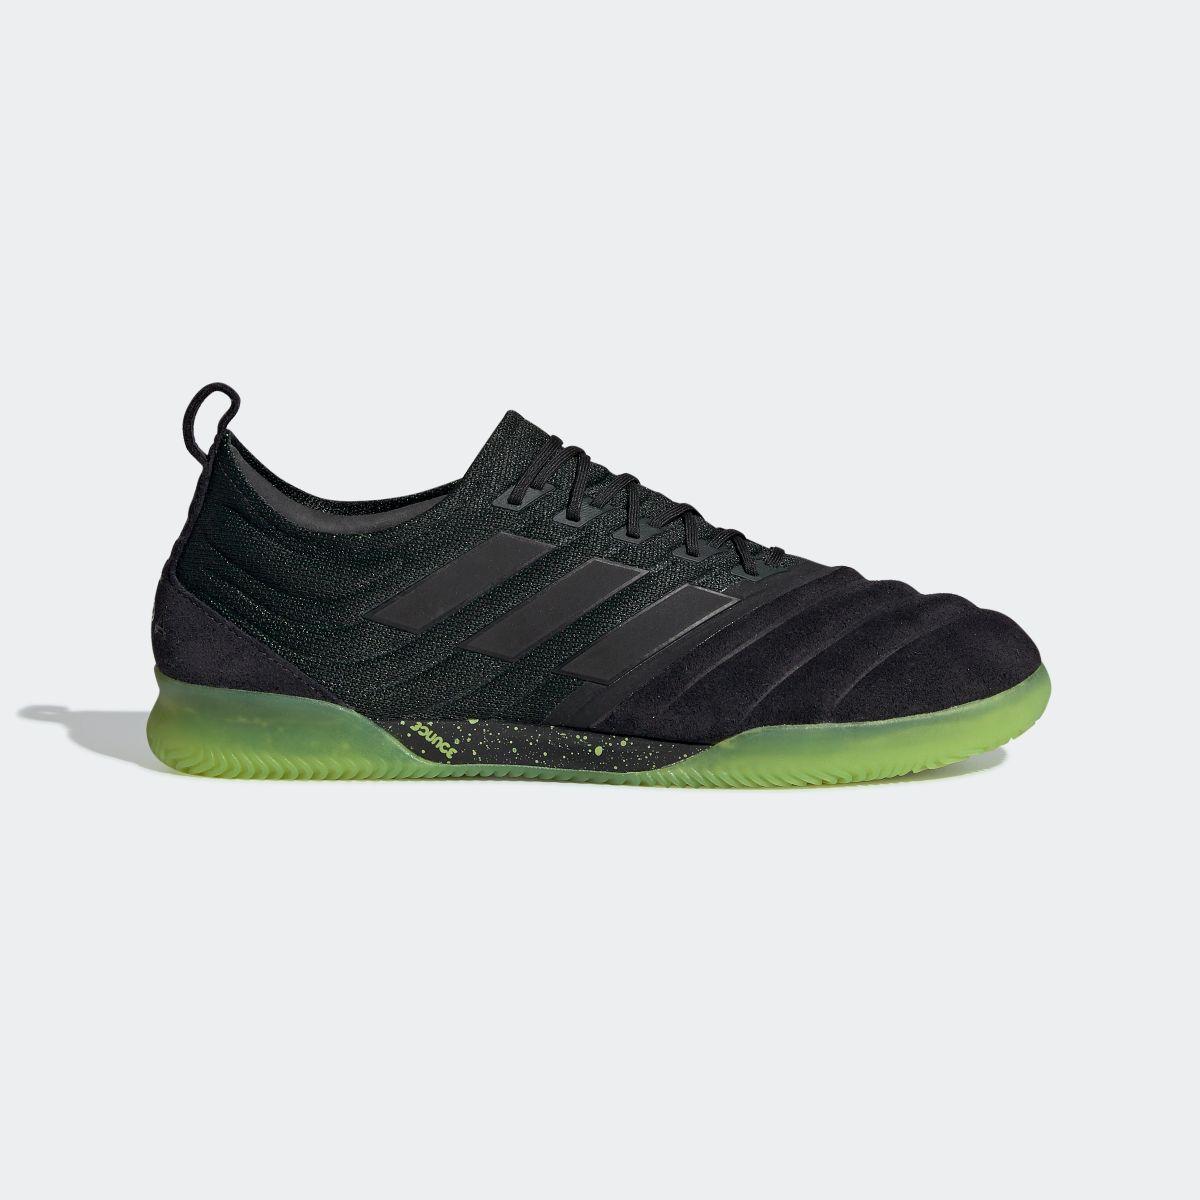 【公式】アディダス adidas コパ 19.1 IN 【インドア用】 メンズ BB8092 サッカー・フットサル シューズ【indoor】【spike】